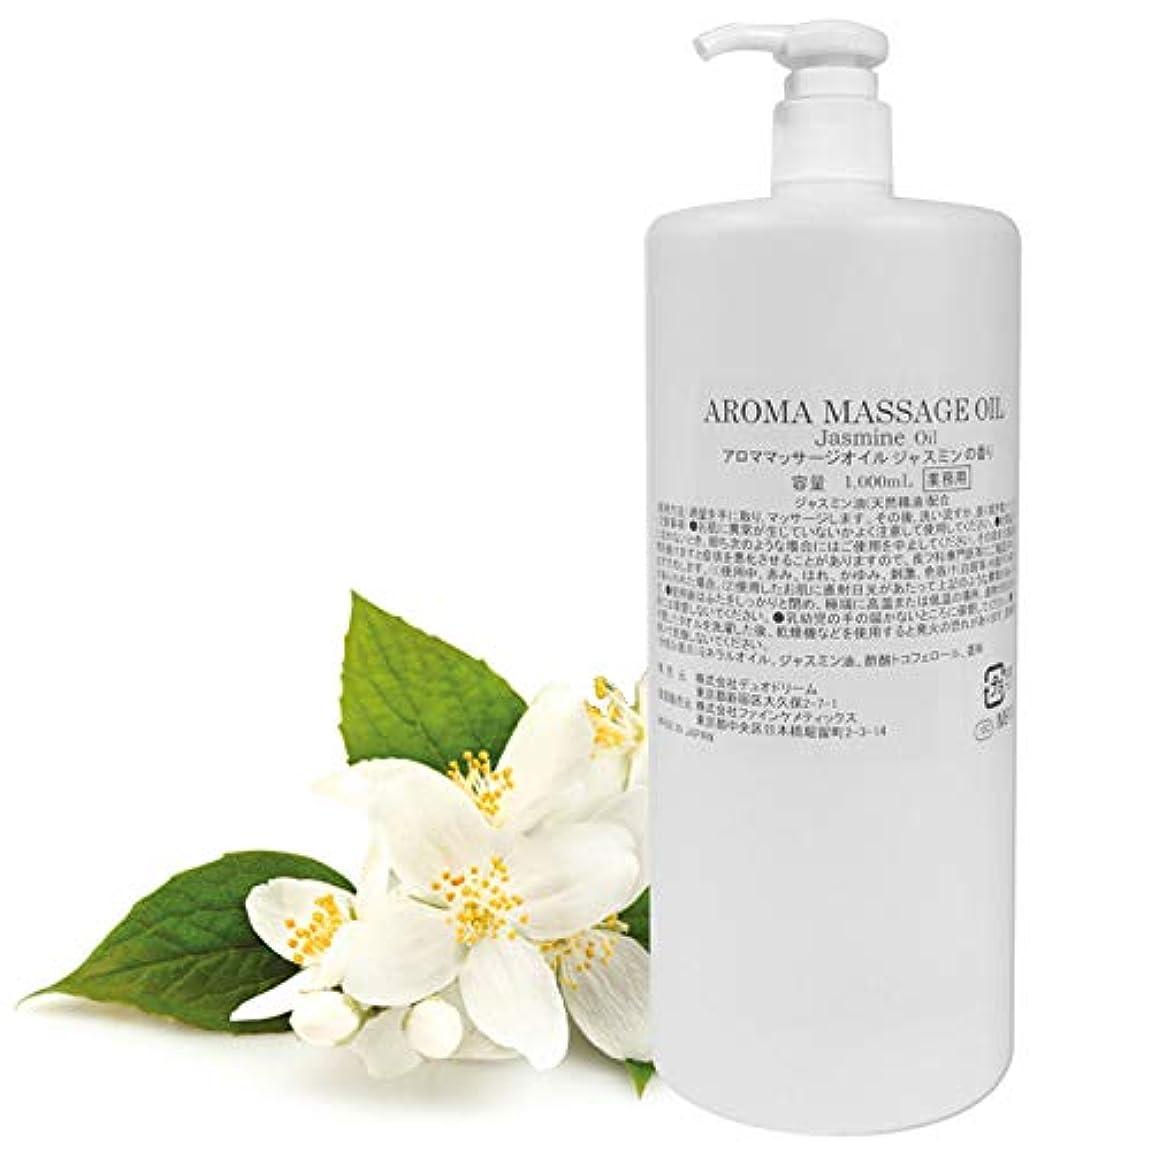 NEW 日本製 アロママッサージオイル ジャスミン 1000mL 業務用 ★ジャスミン油 天然精油配合 エキゾチックなジャスミンの香り さっぱりタイプ ジャスミンオイル